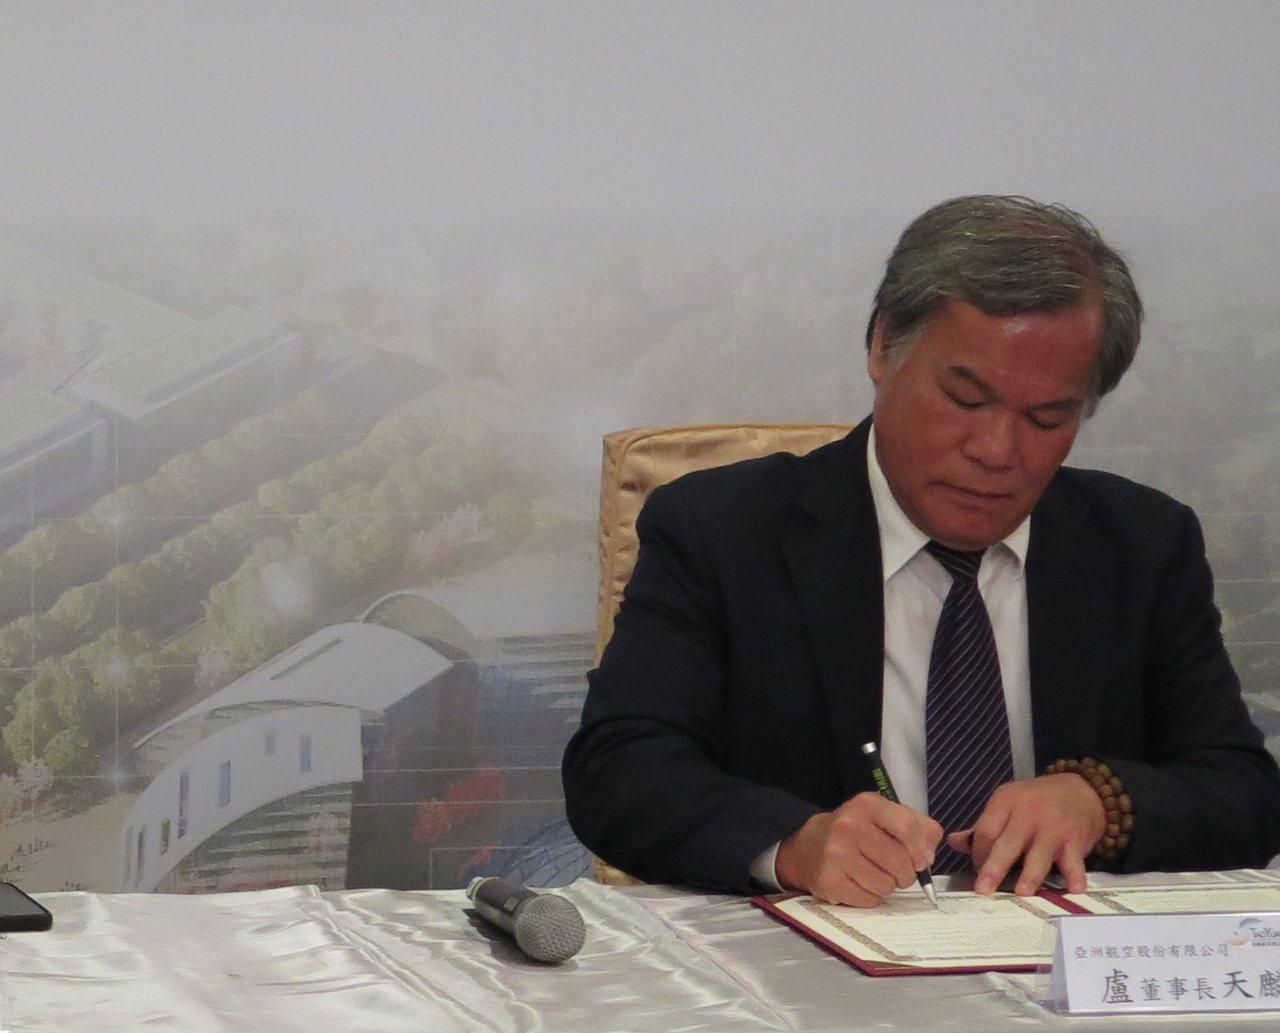 對於媒體報導藍營立委質疑亞航董事長盧天麟身兼4職一事。亞航發布聲明表示,盧天麟還...